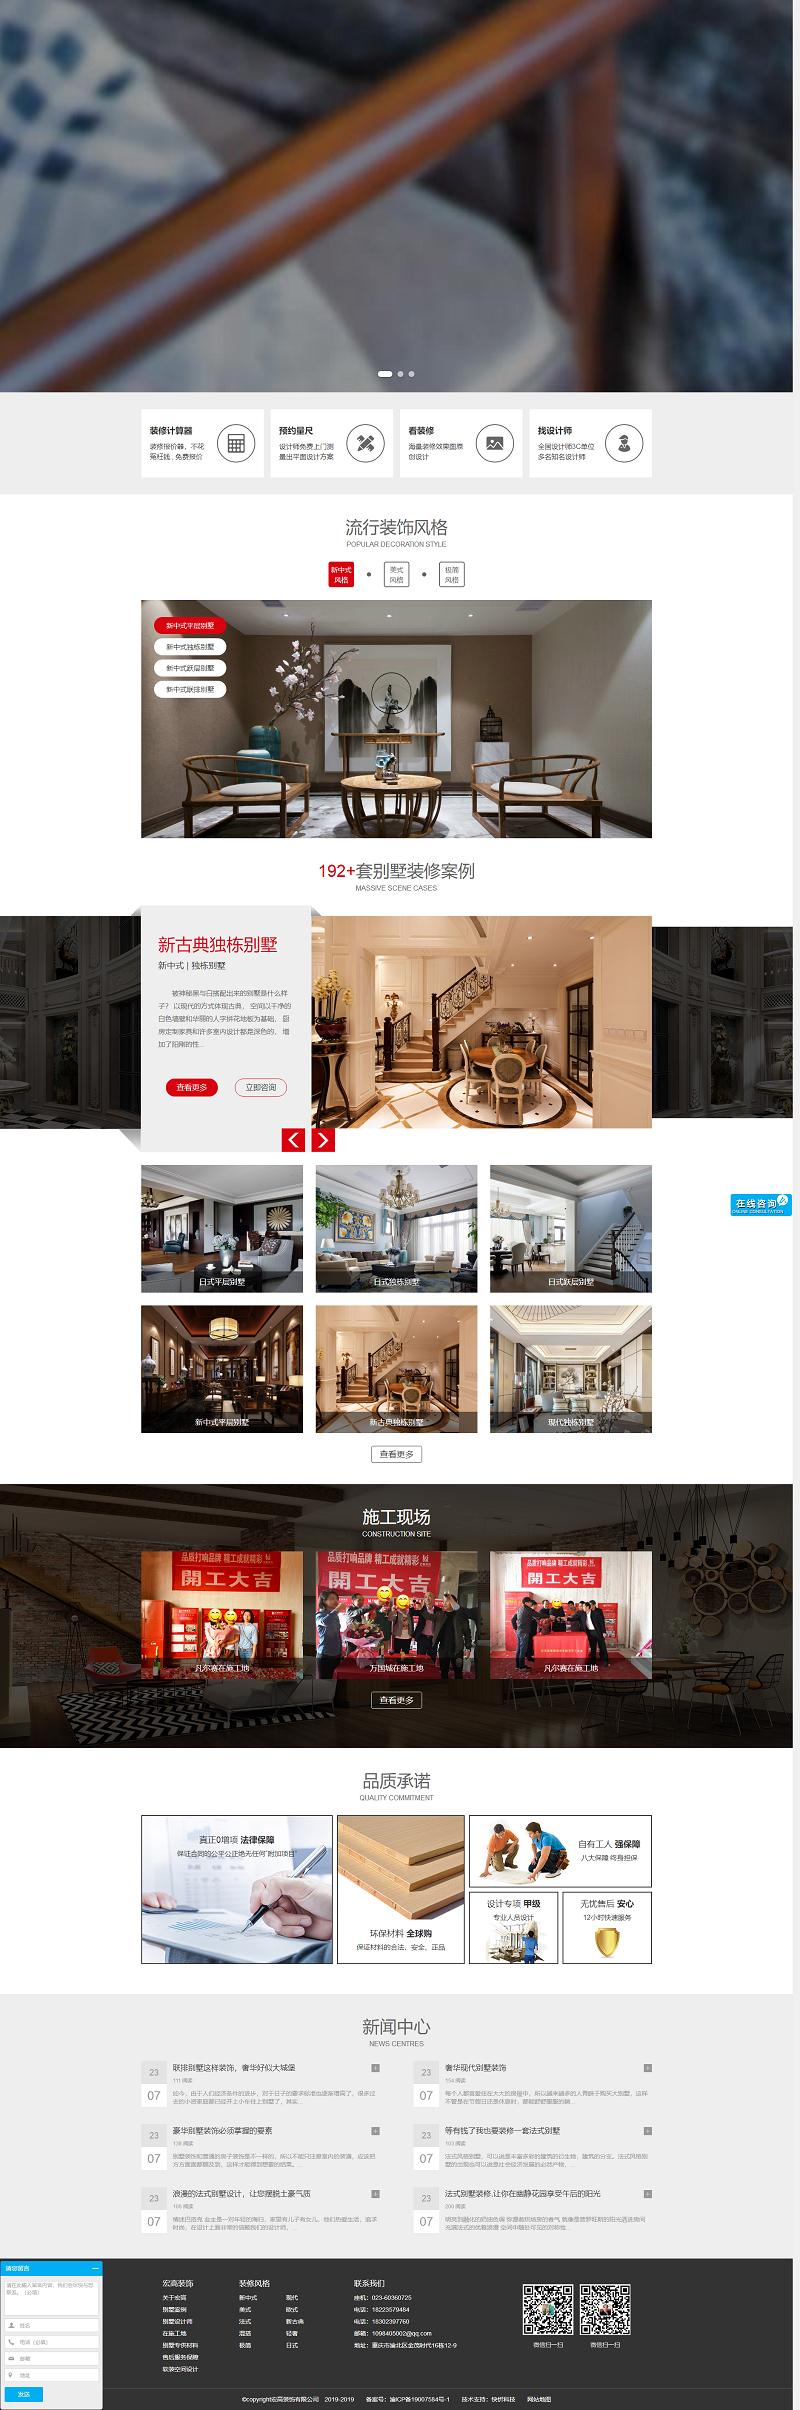 重庆宏高装饰设计有限公司网站案